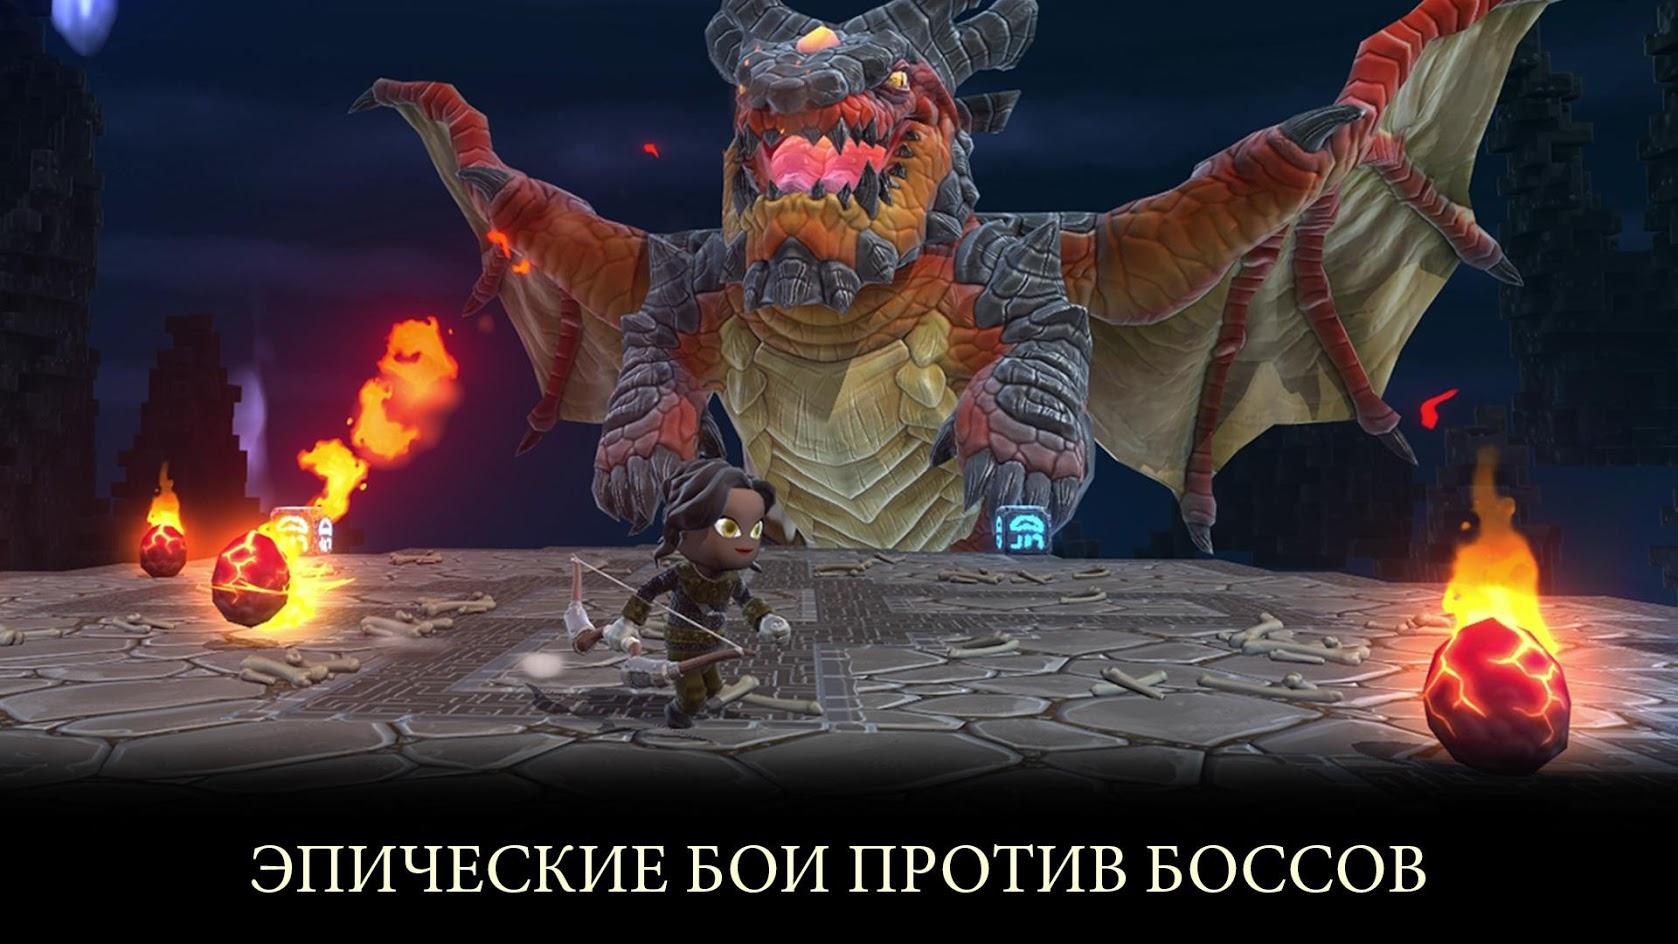 Иллюстрация на тему Portal Knights: скачать на Андроид полную версию игры на русском